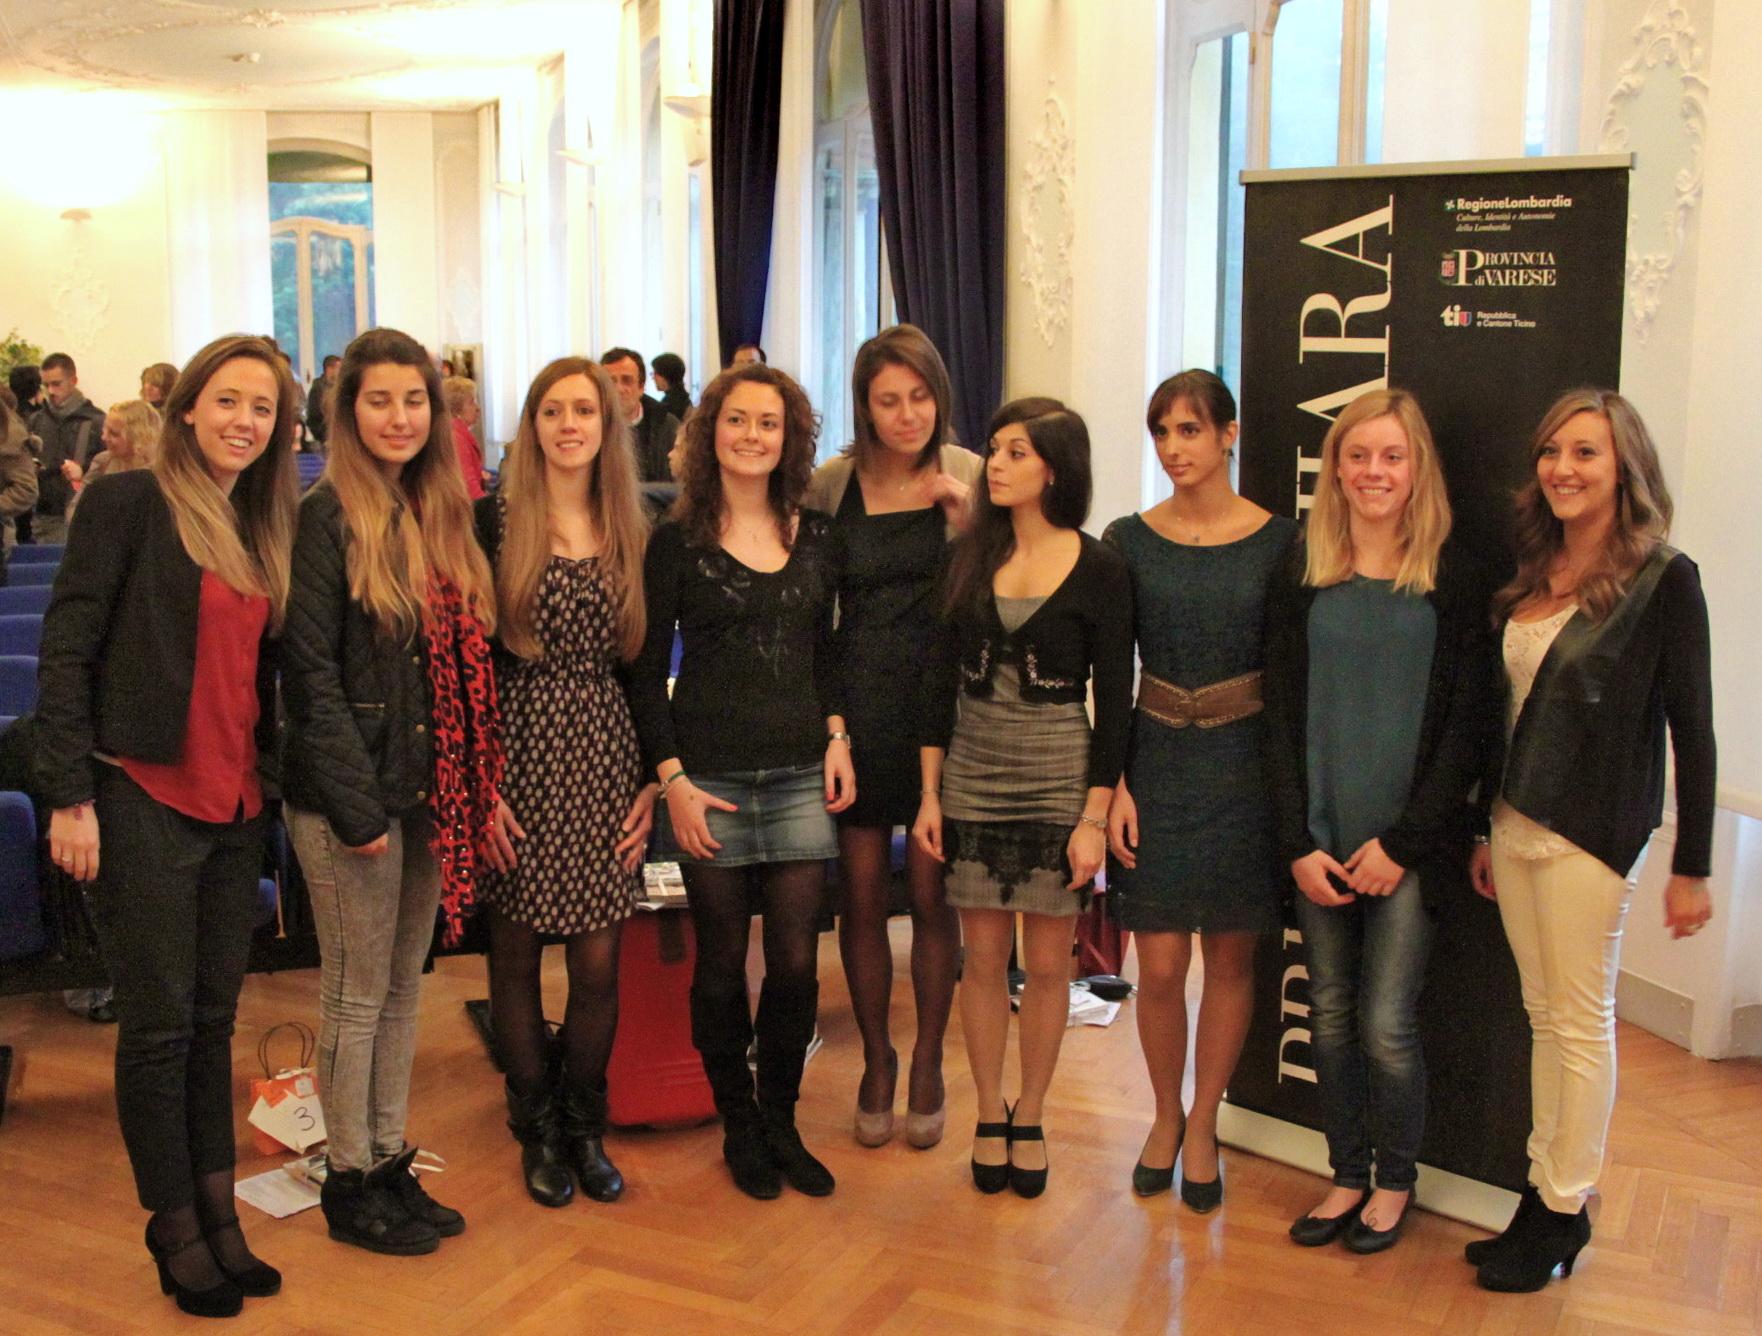 Vincitrici Premio Chiara Giovani 2013